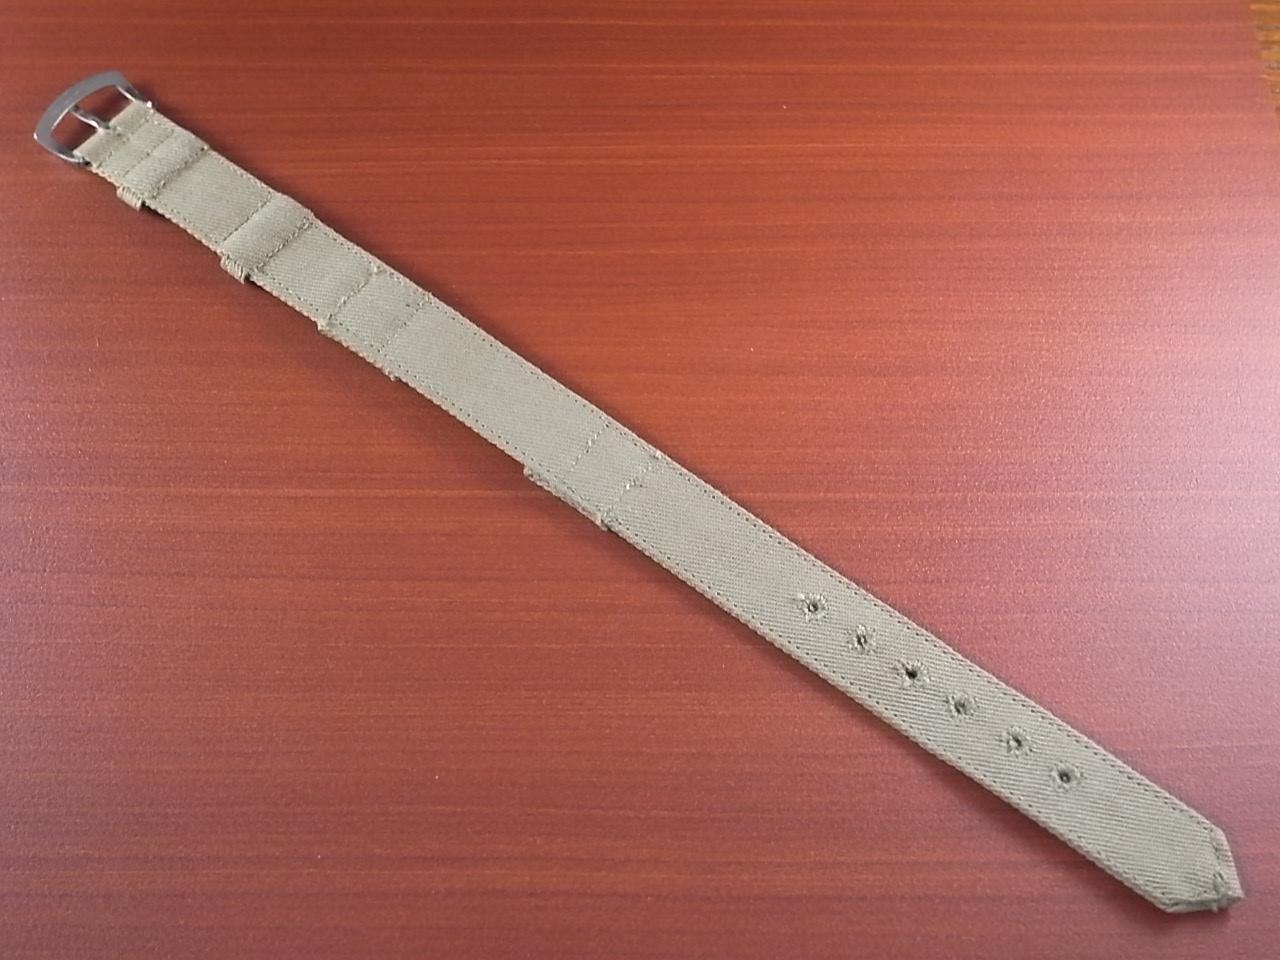 米軍 コットンベルト 未使用品 ワンピースタイプ カーキ 16mmの写真2枚目